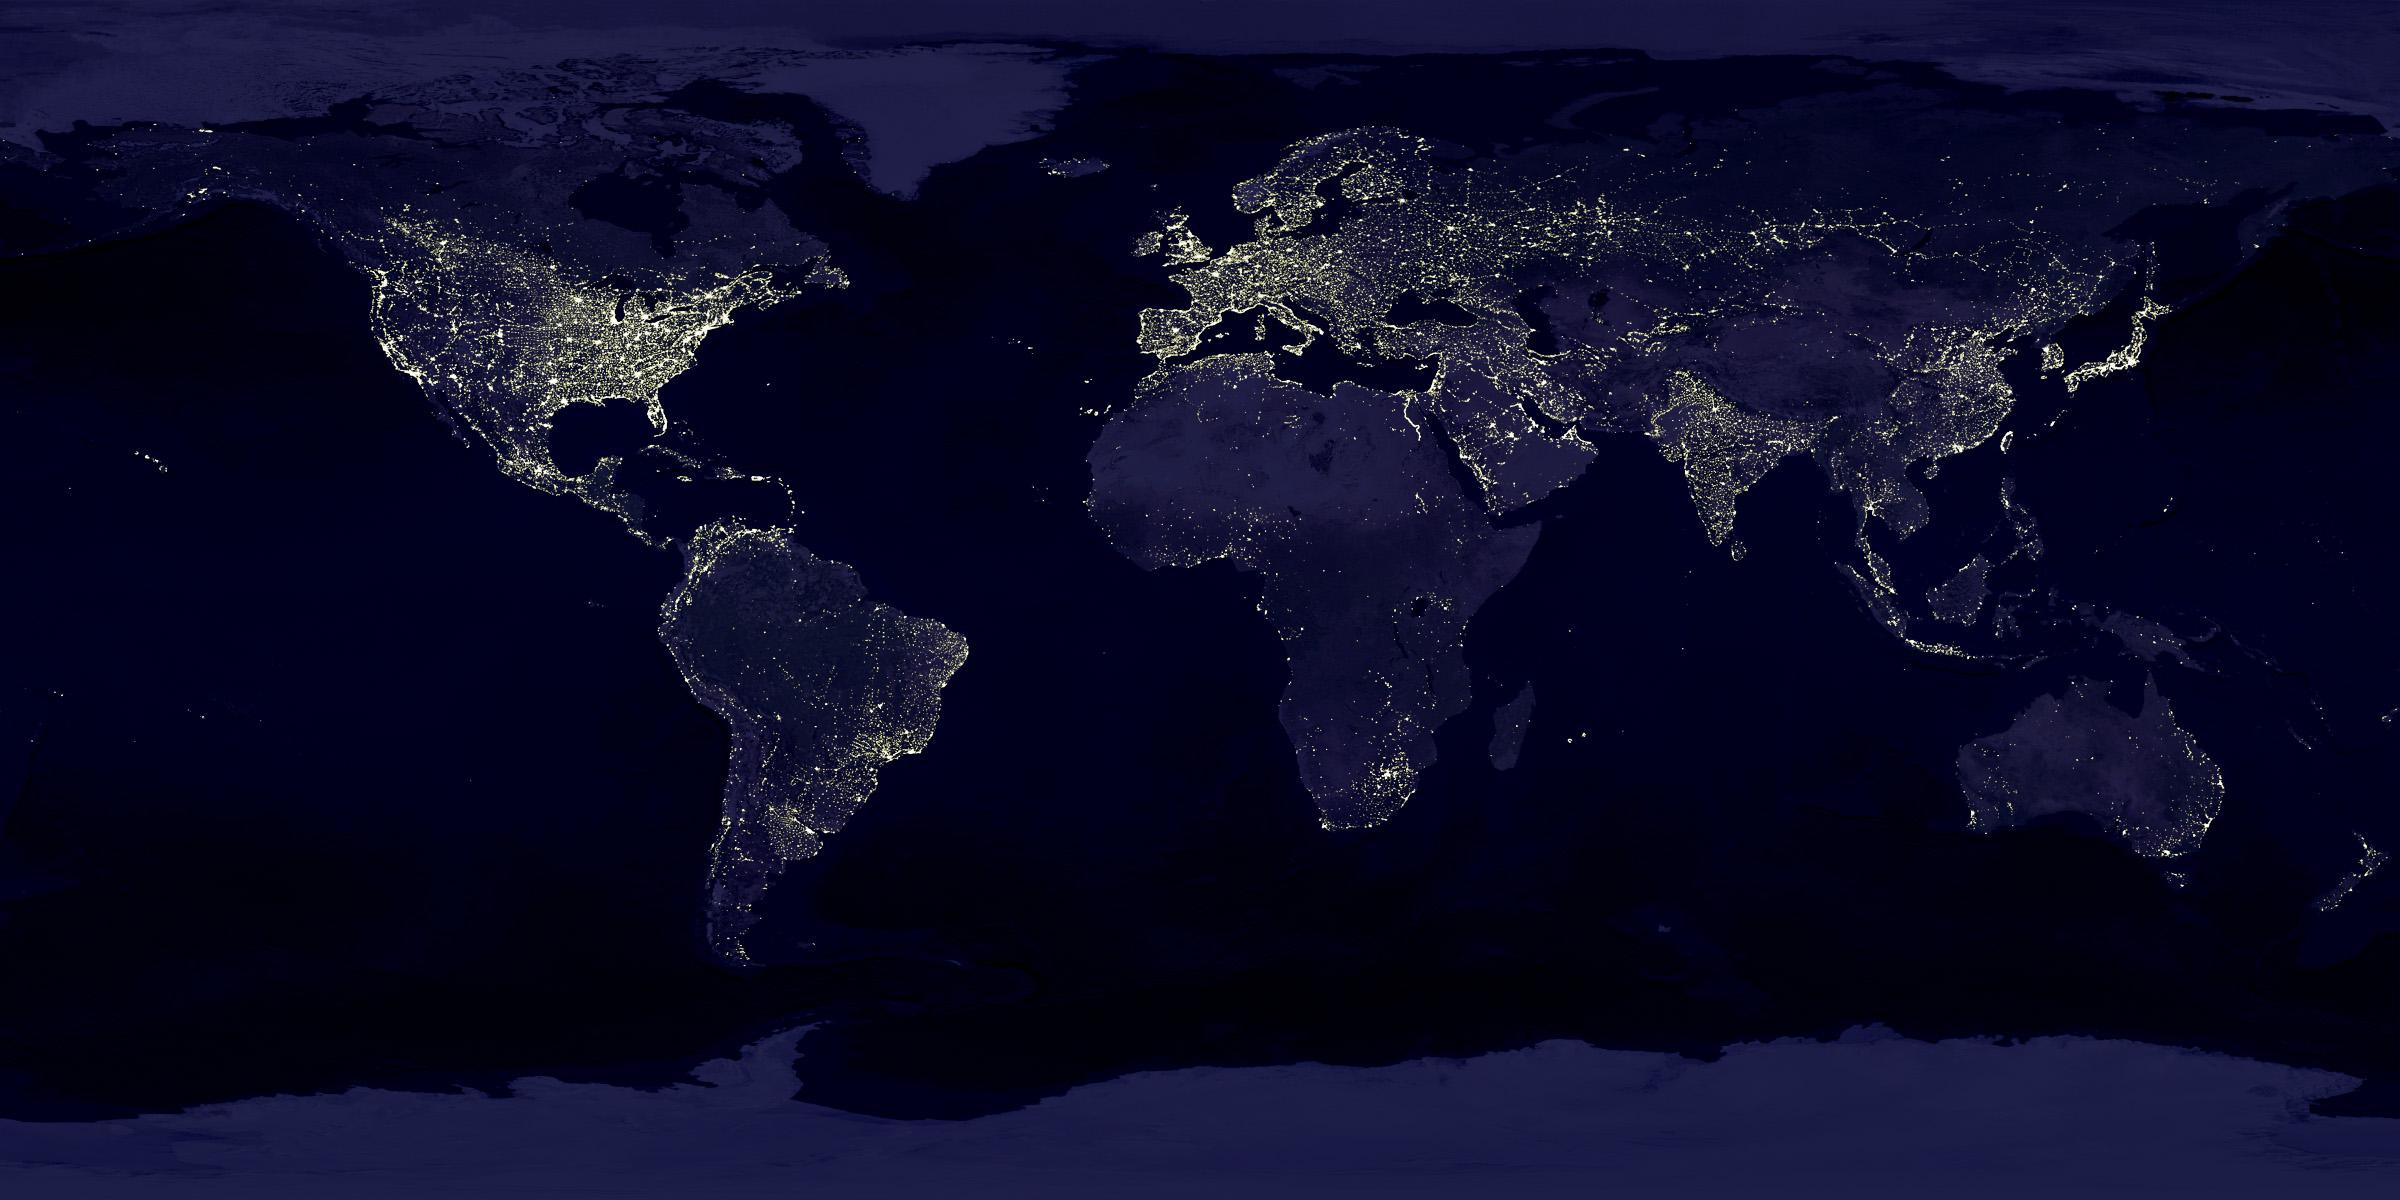 éclairage terre nuit